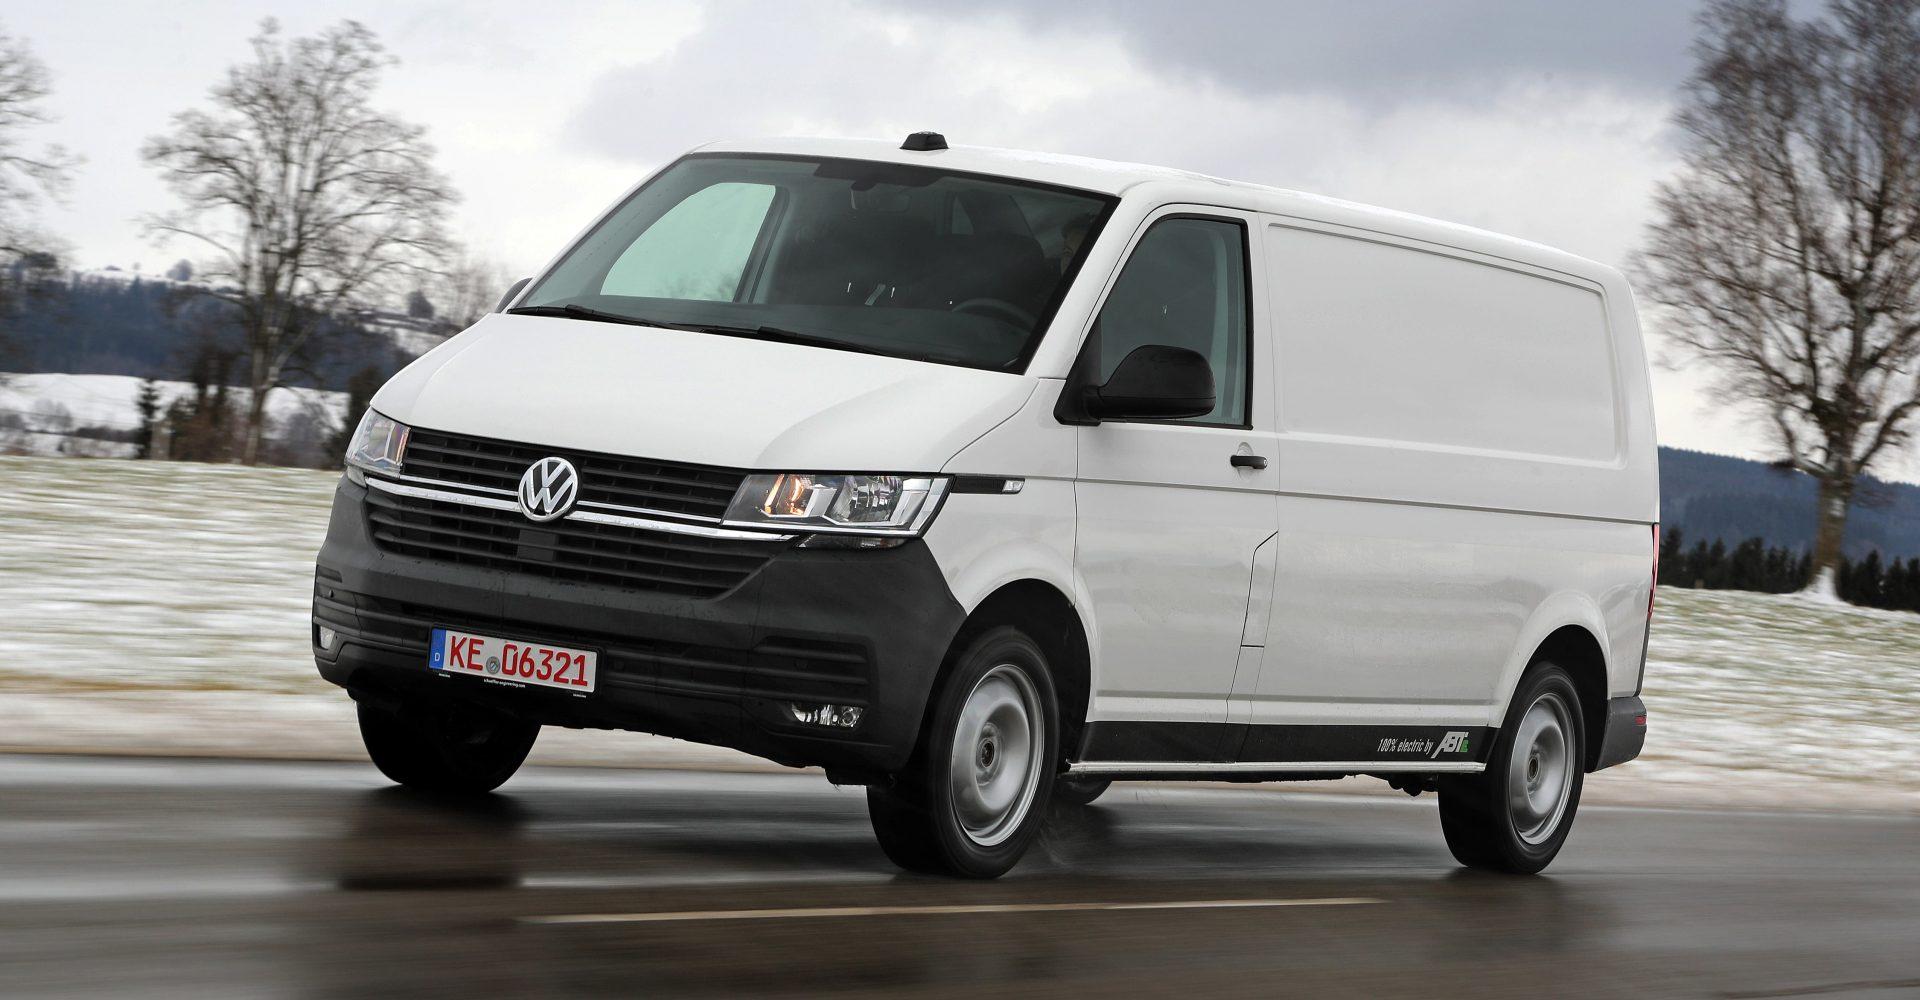 Orders open for Volkswagen's first electric van